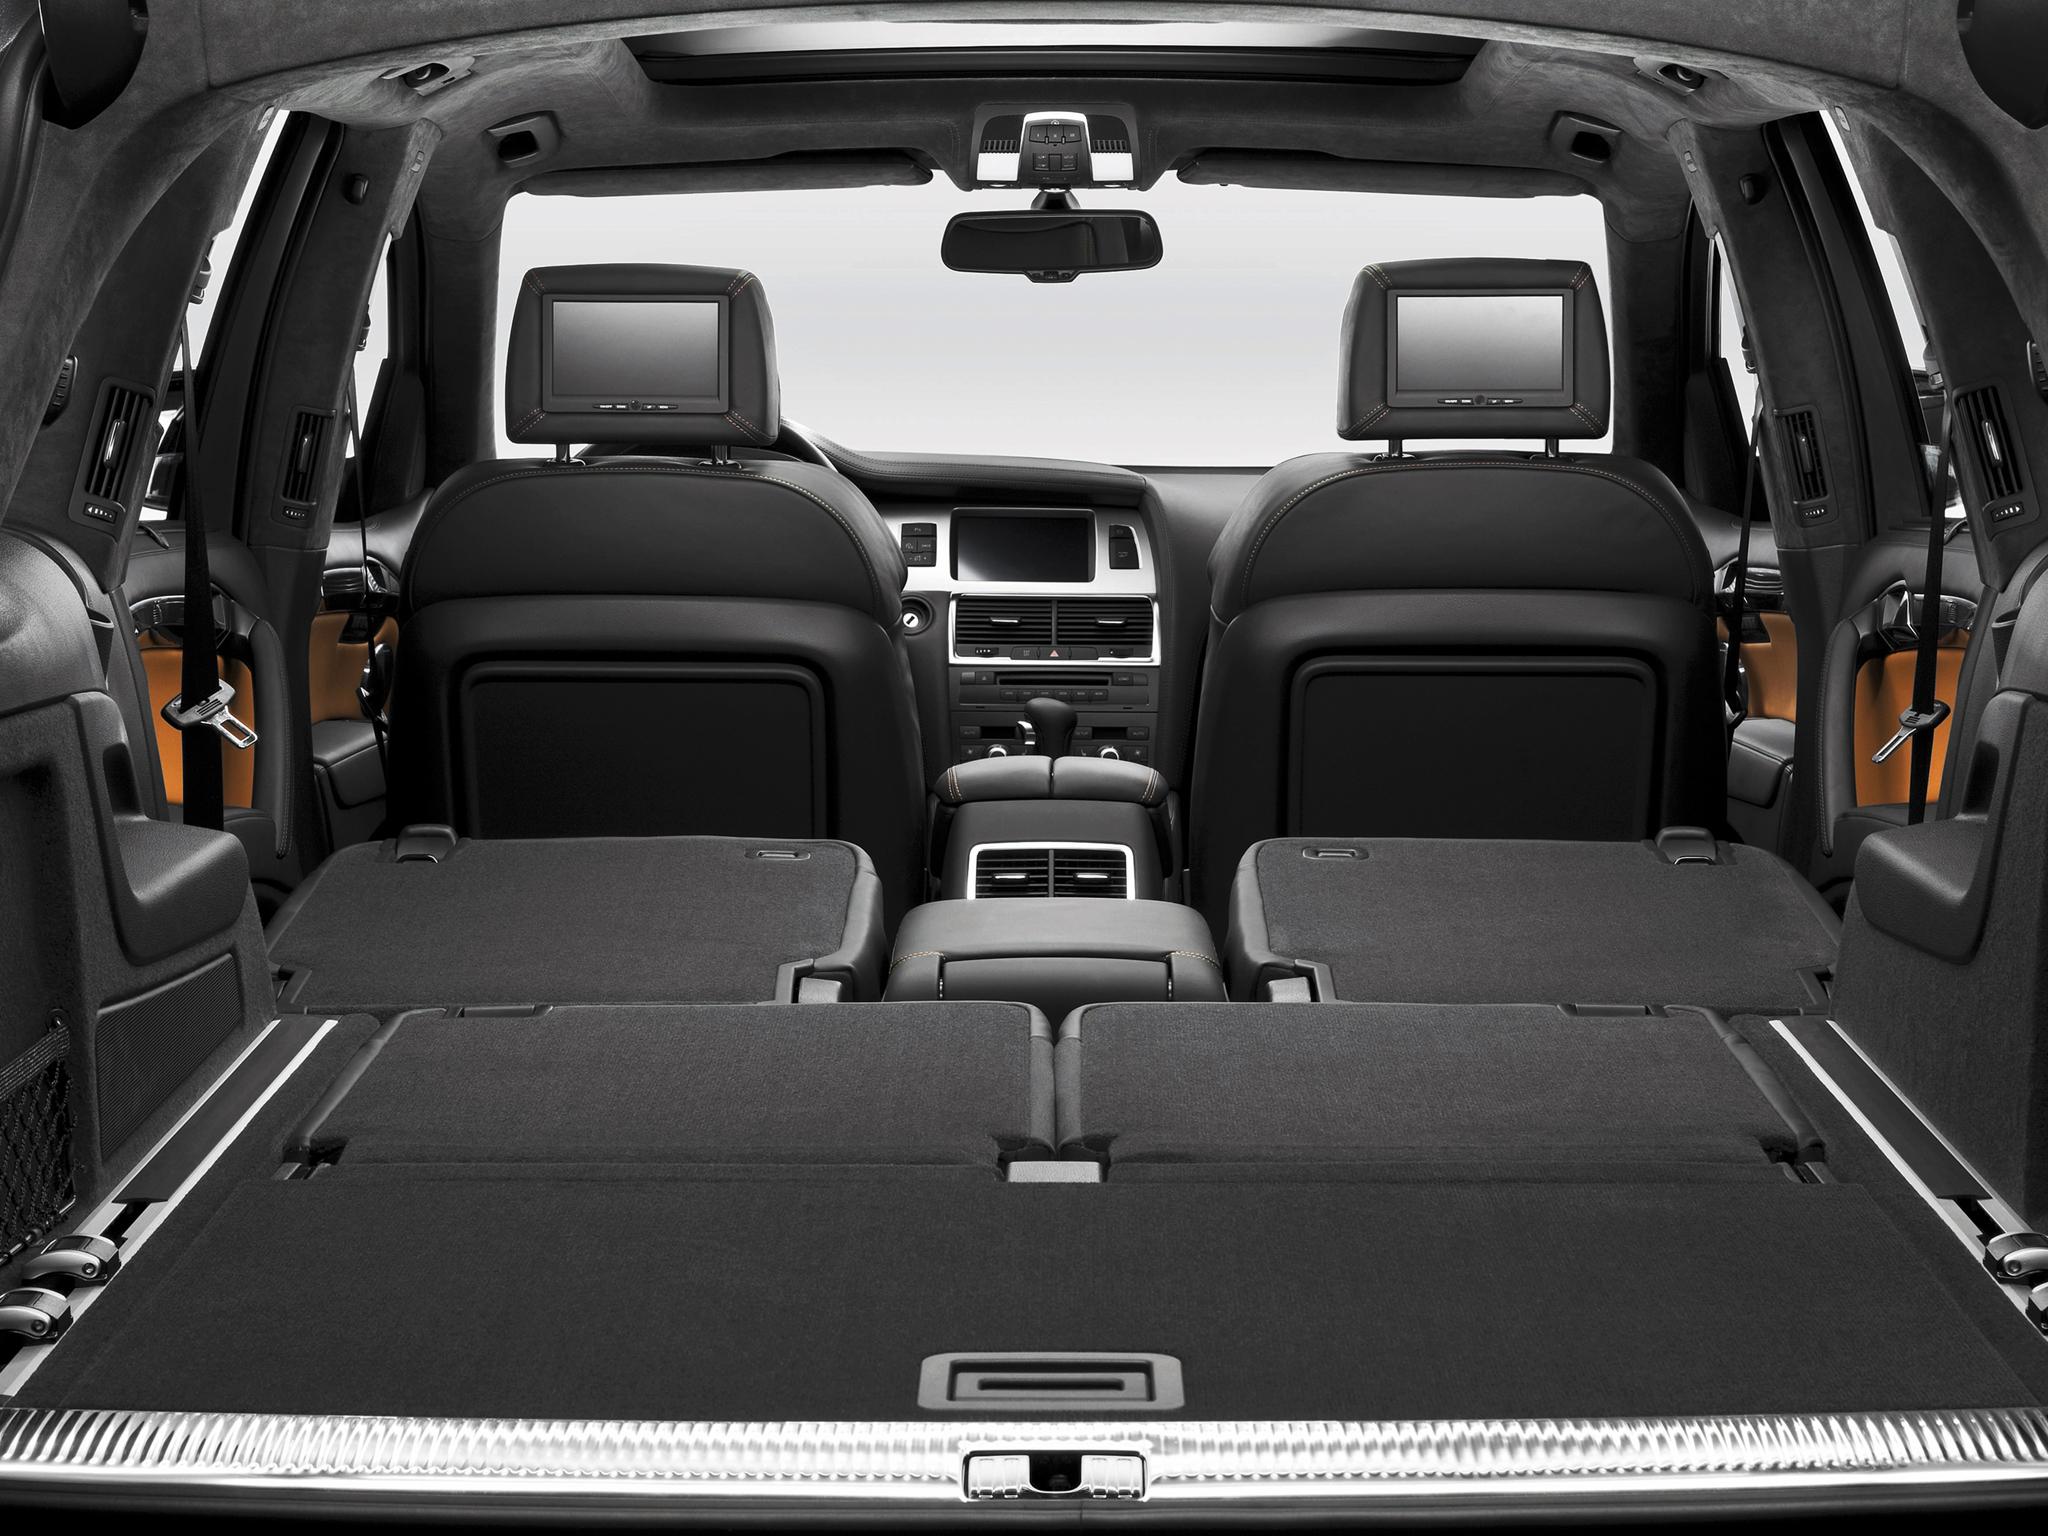 Audi Q7 1 поколение багажник